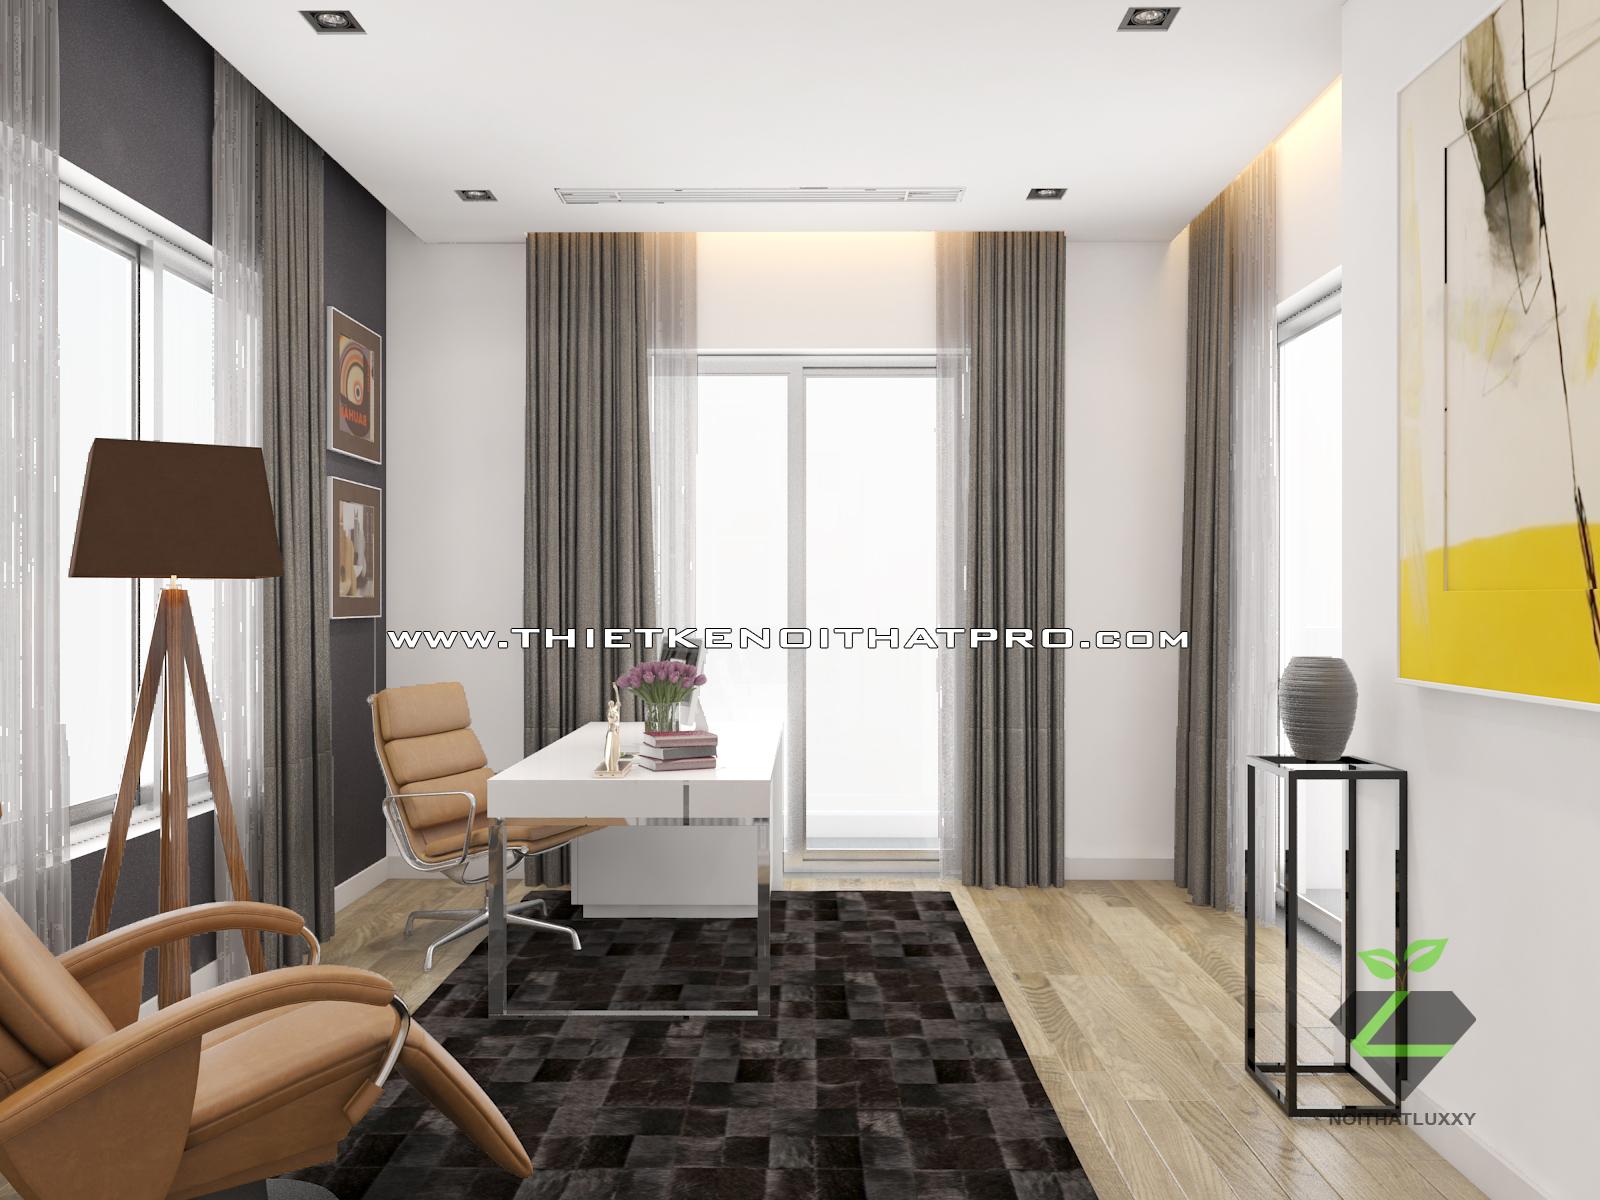 thiết kế nội thất Biệt Thự tại Hà Nội bt Vinhomes - riverside 41 1568085368